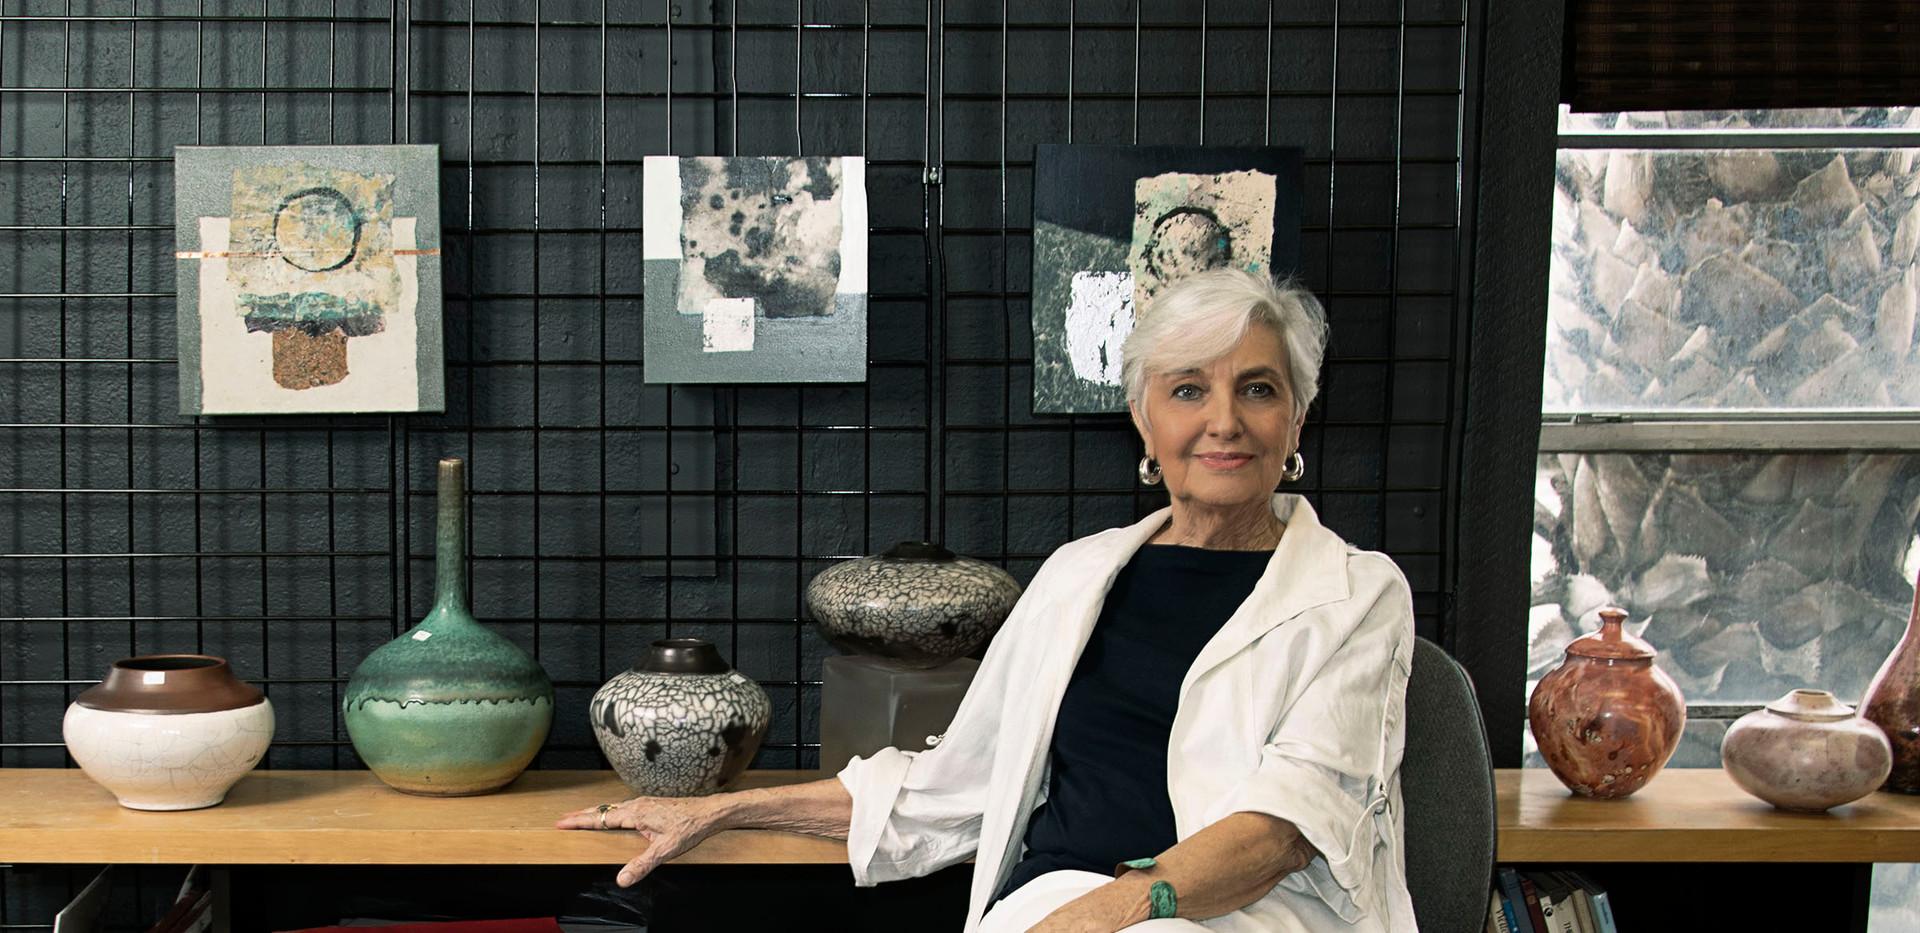 Anita Diebel, artist